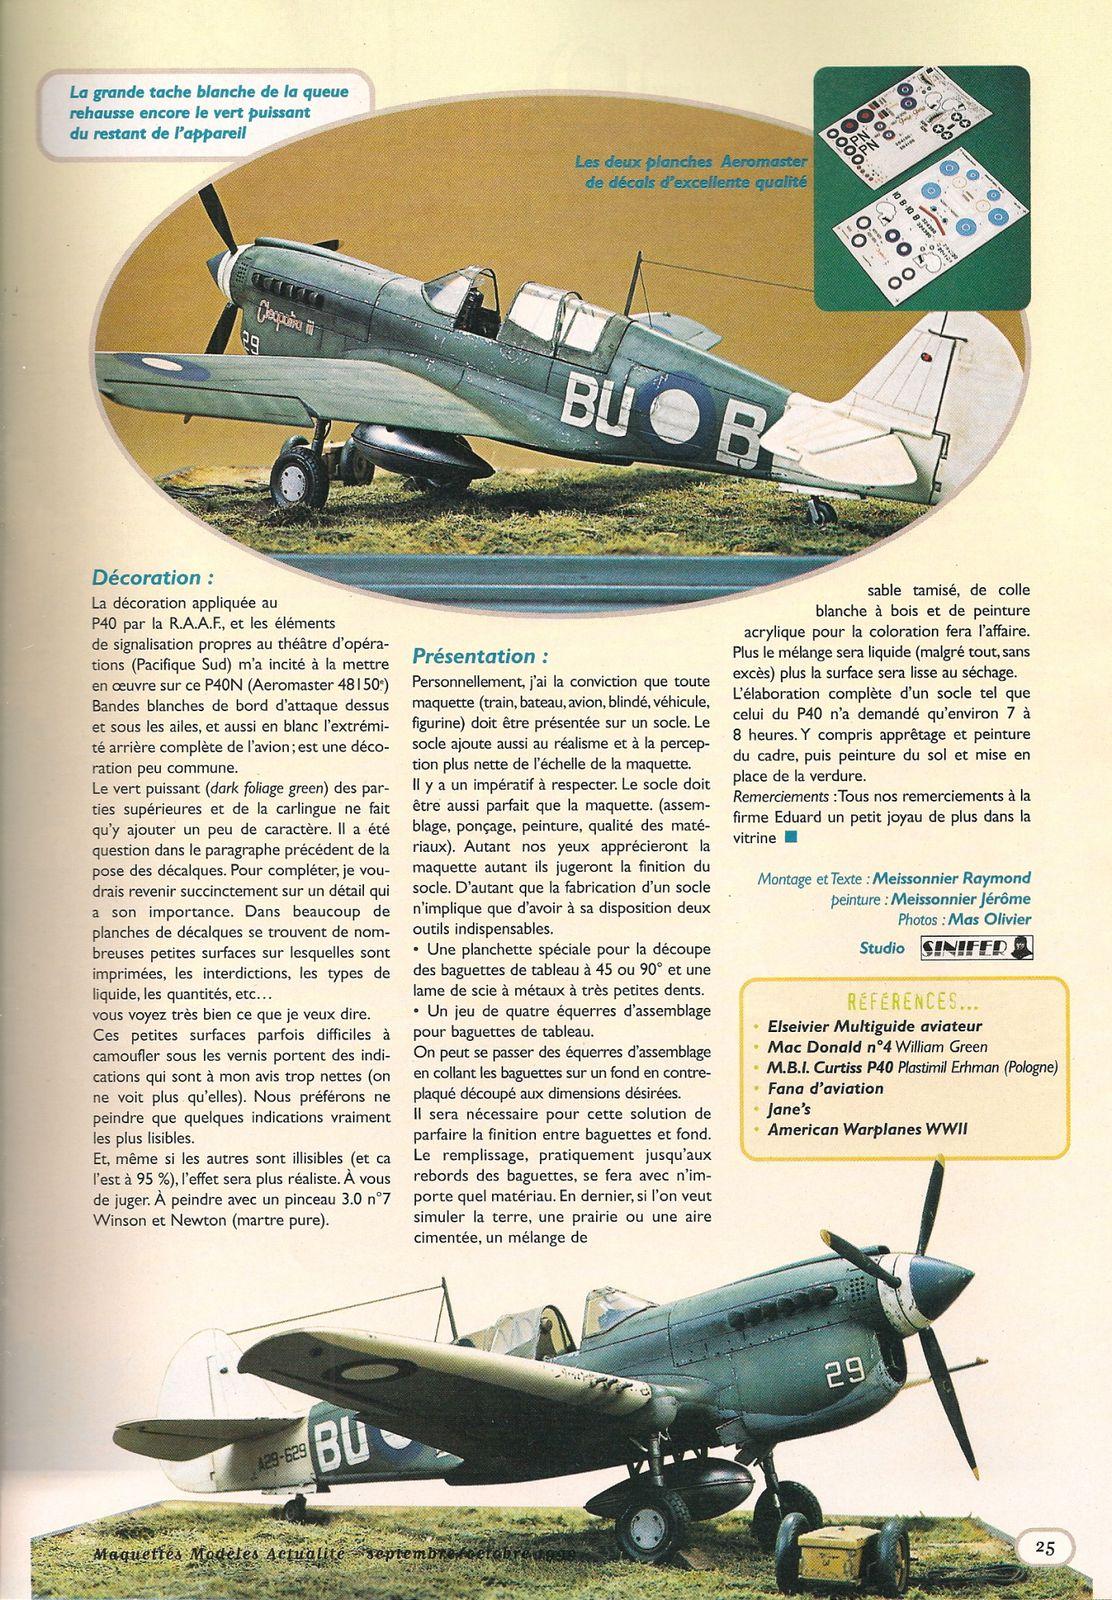 Curtiss P40 N